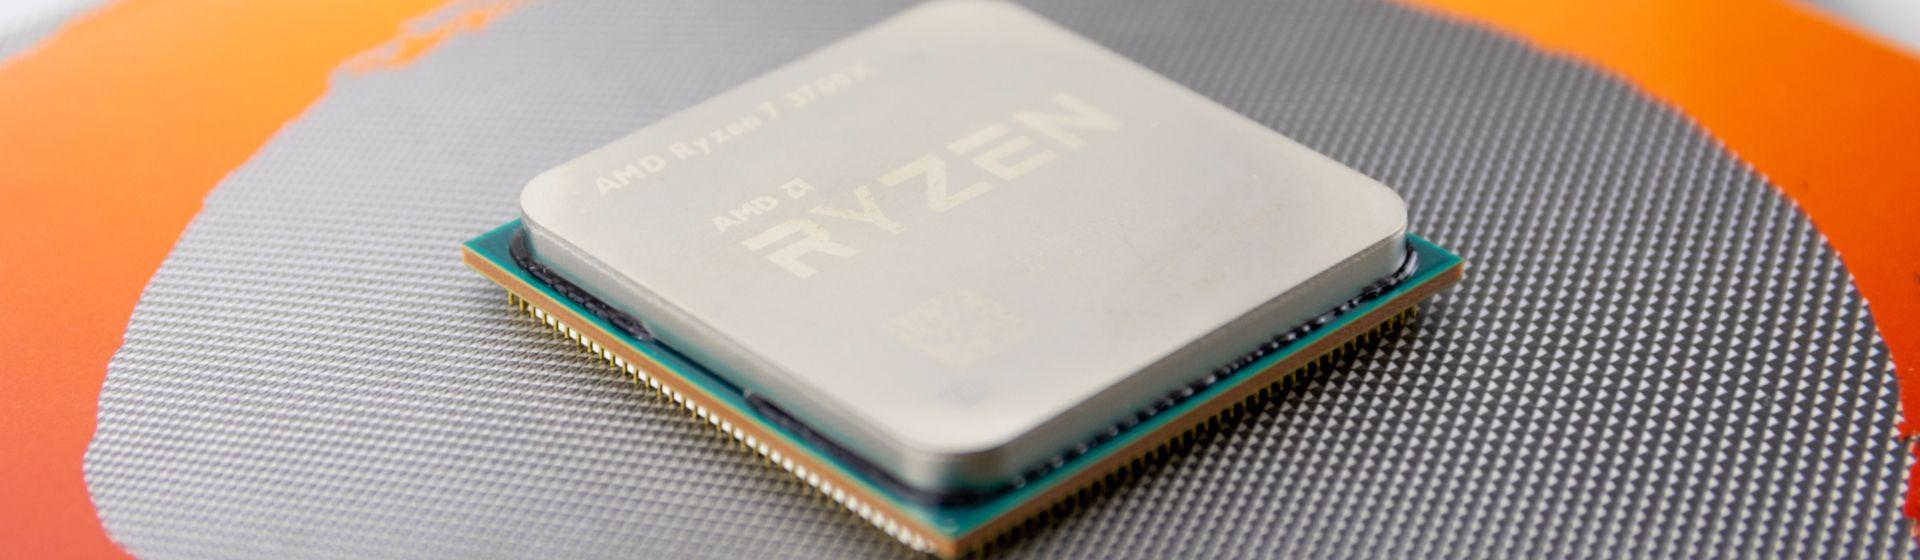 AMD Ryzen 7 3700U é bom? Veja análise do processador